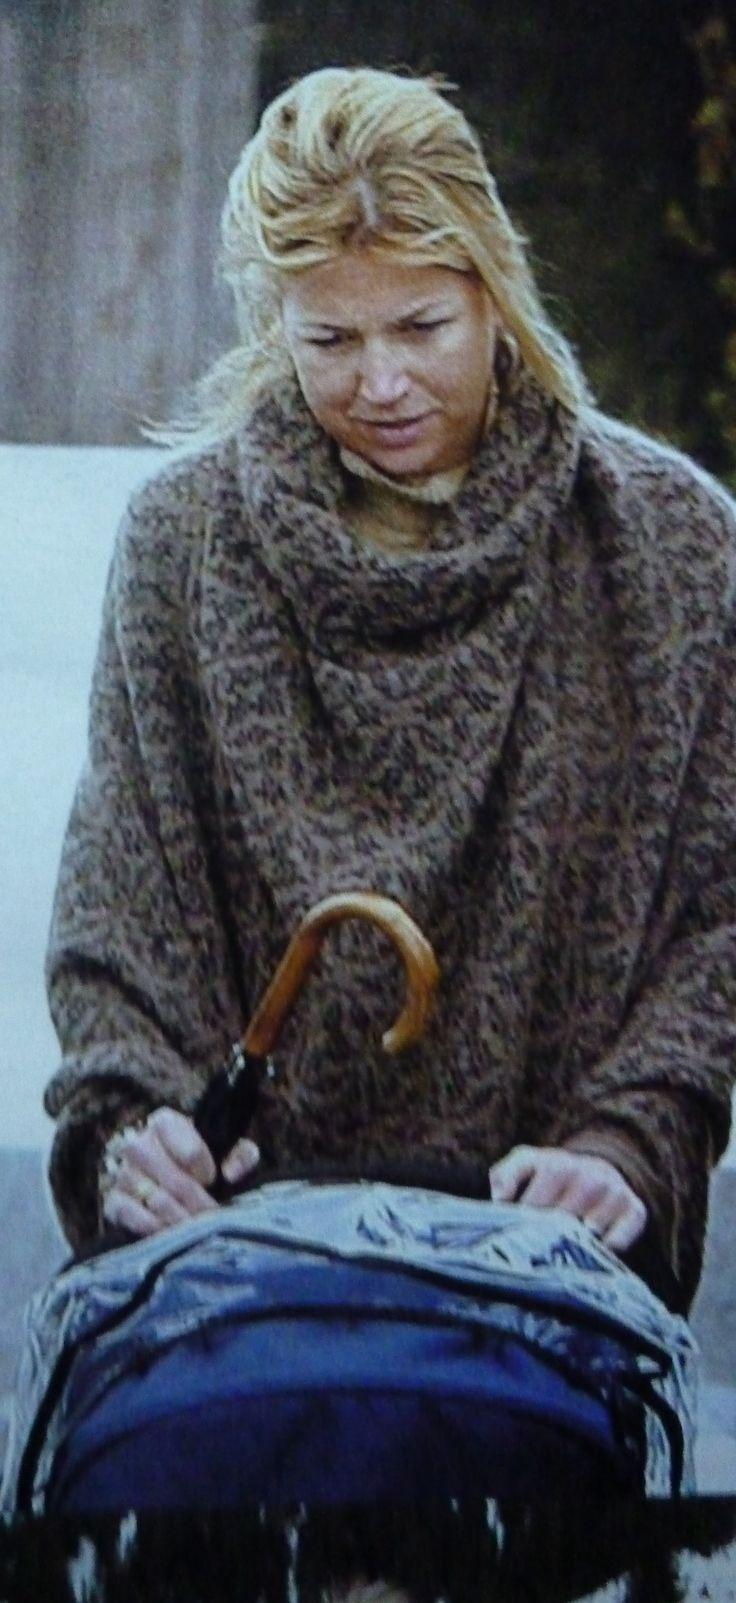 Eerste wintersportvakantie in Lech van Amalia en dan overlijdt oma Juliana, nog voordat er officiële foto's gemaakt kunnen worden.